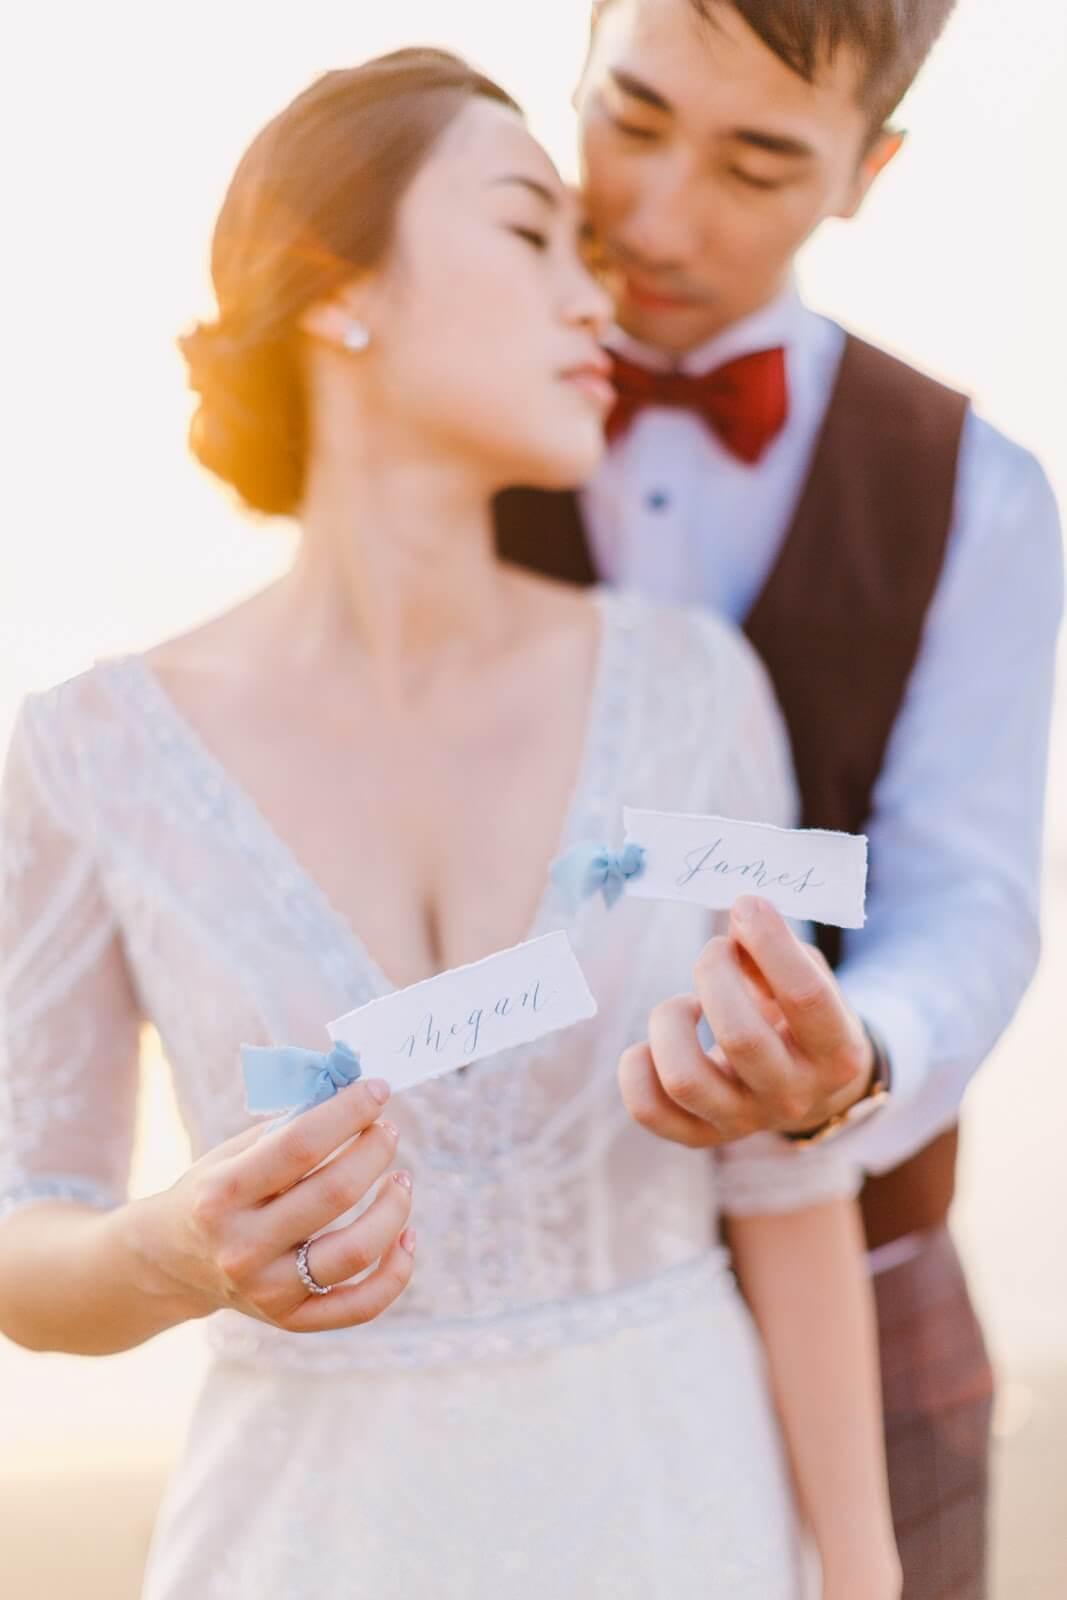 美式婚紗, The Stage 美式婚紗, 美式婚禮, 台中美式婚紗, Milk and Honey, Amazing Grace 攝影美學, AG, Bell, 女攝影師, 搖籃手工婚紗, Cradle Wedding, AG